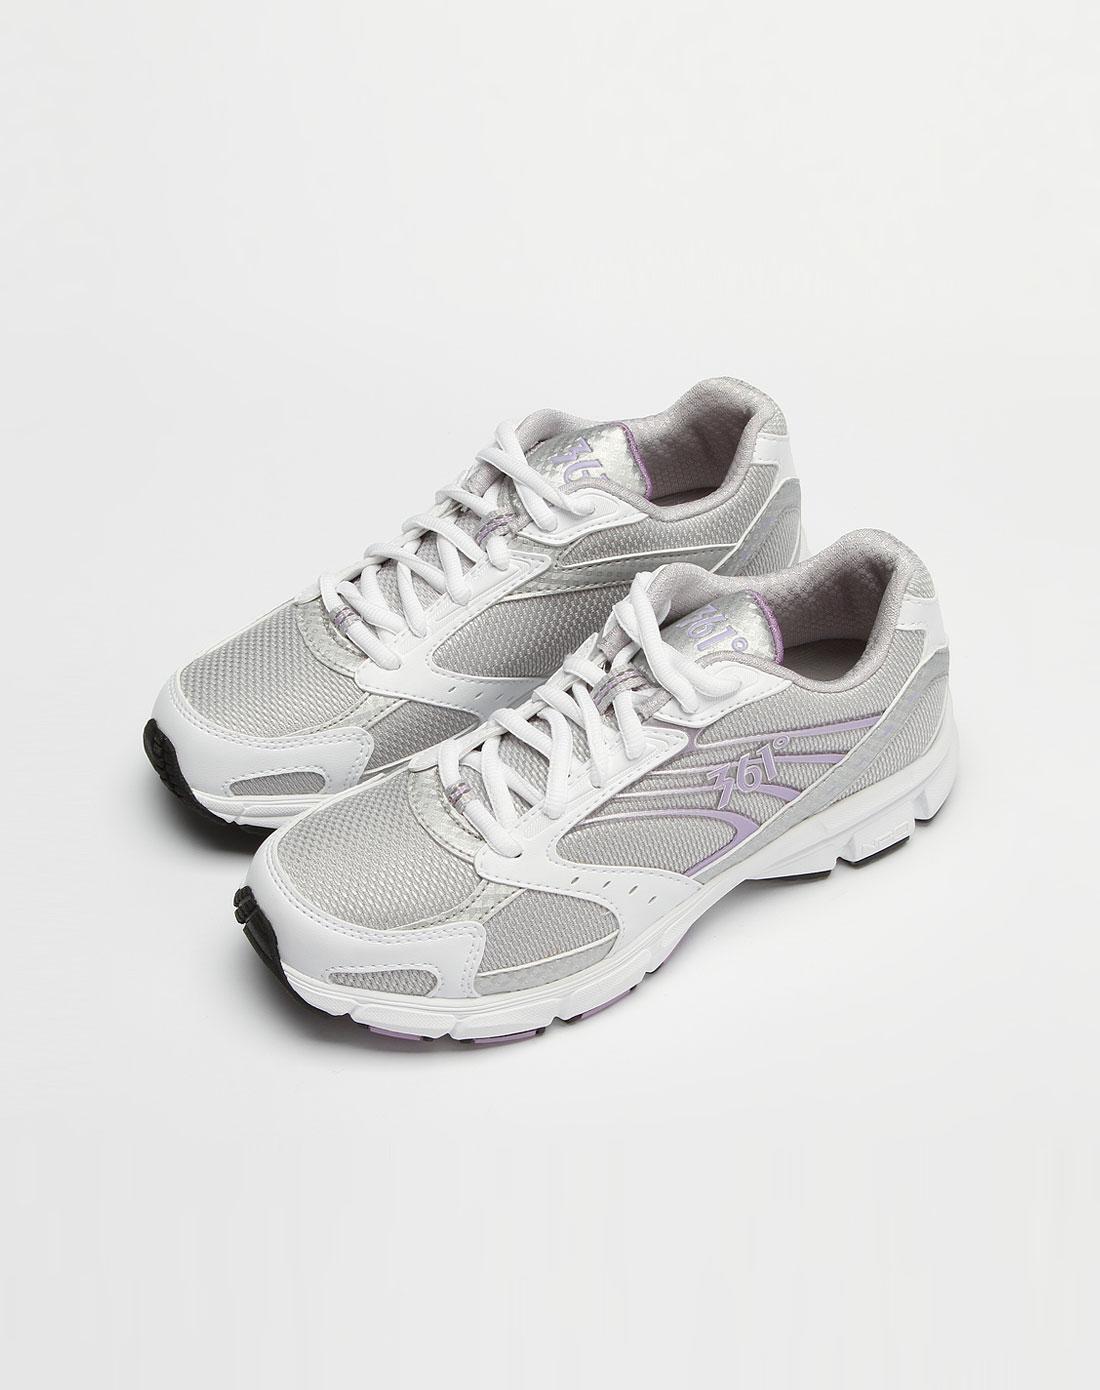 361°女装专场女款灰/白/紫色网面绑绳运动鞋